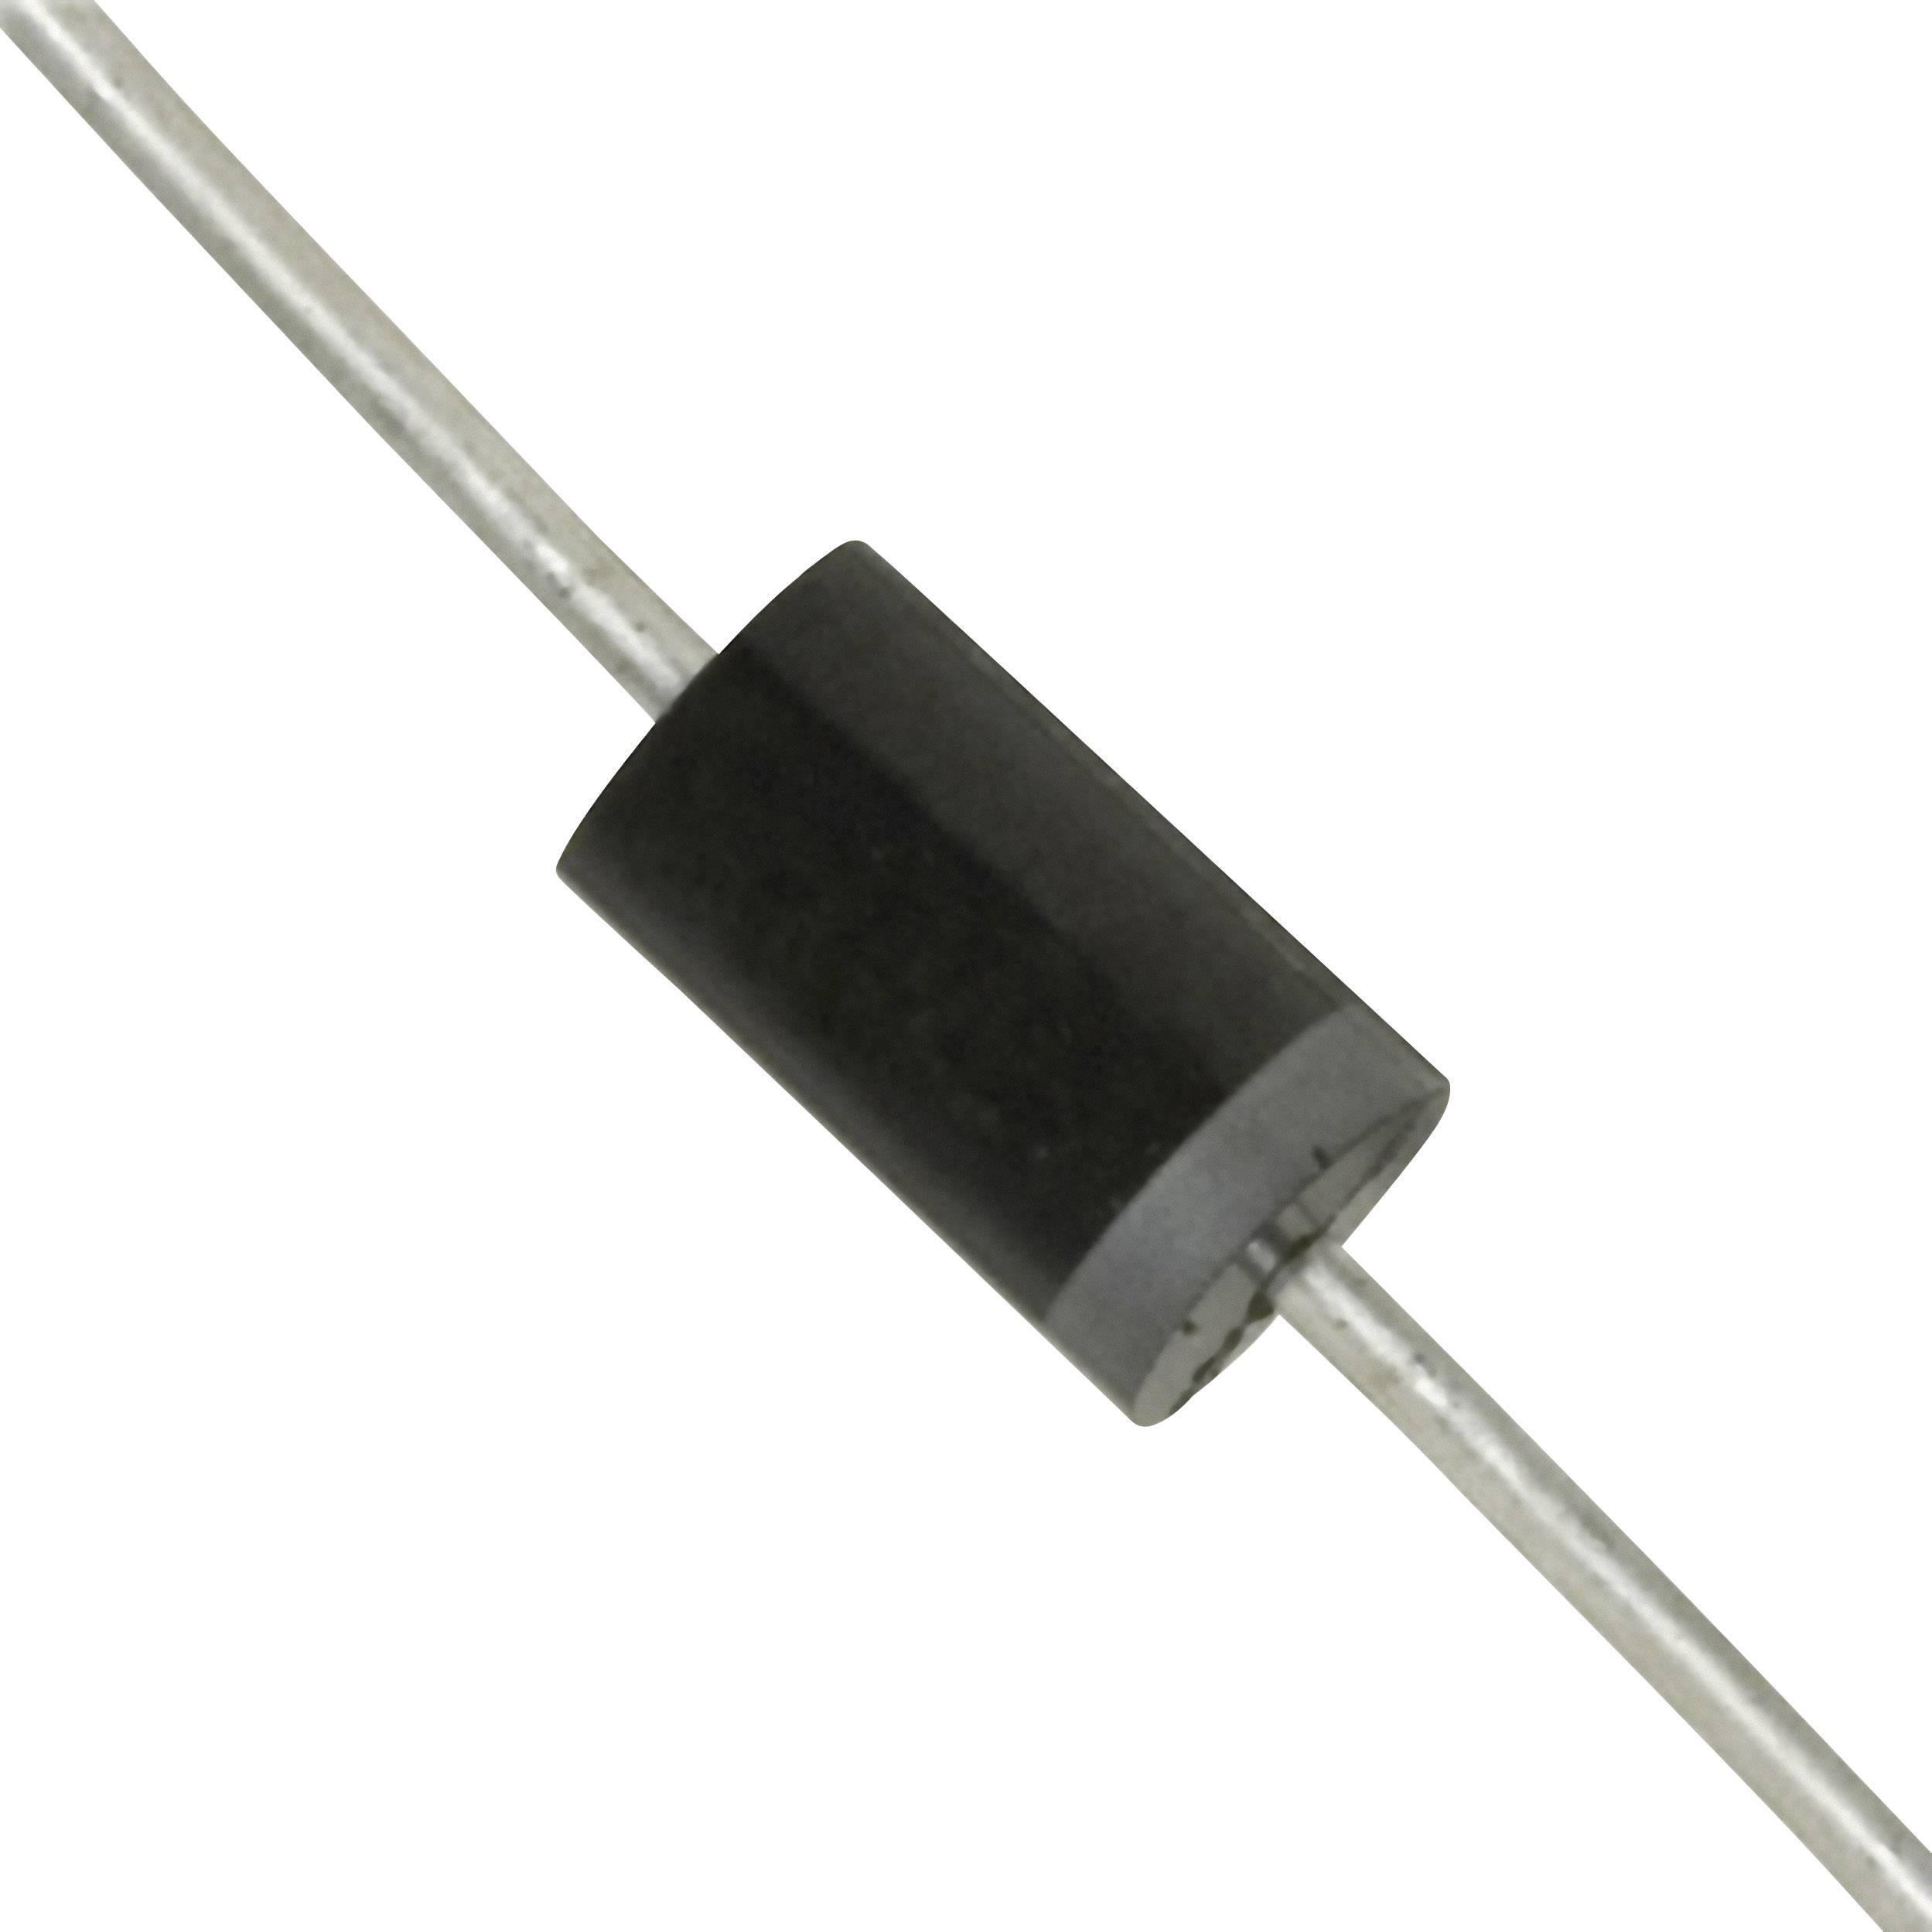 Zenerova dioda Diotec ZPD 27 V, 500 mW, DO 35 P